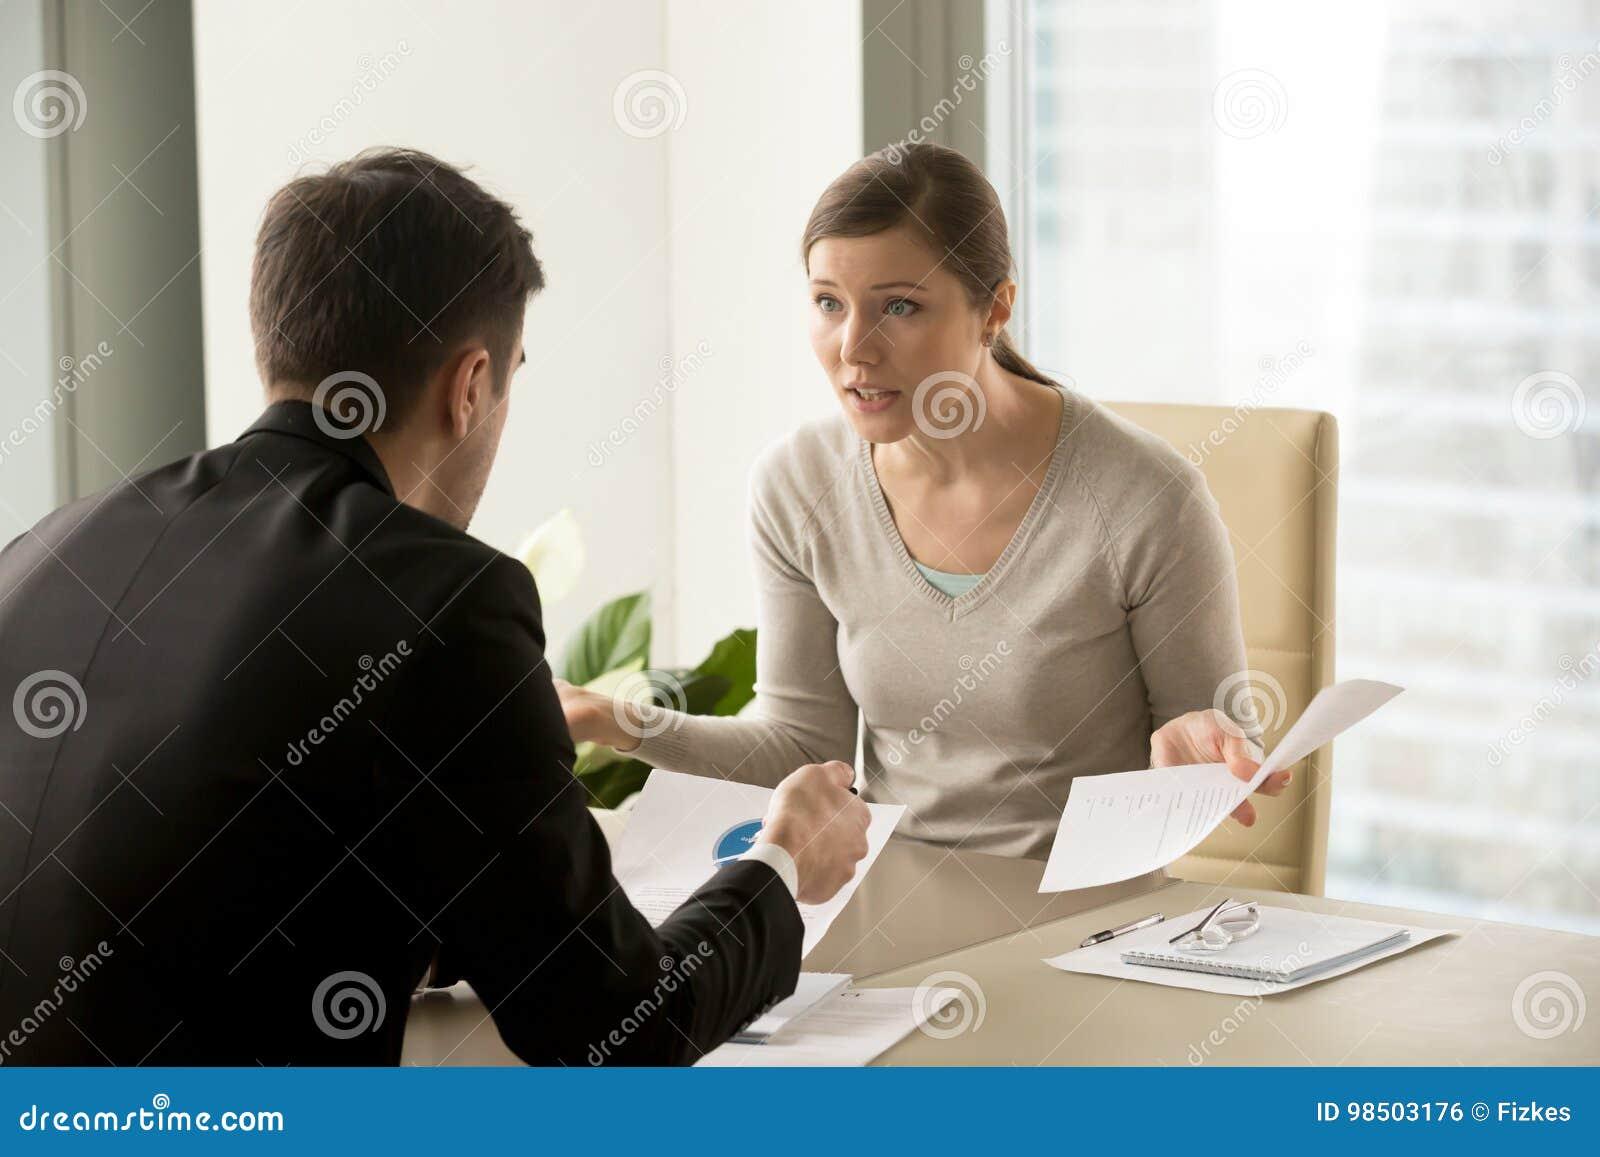 Boze onderneemster die met zakenman over administratiefai debatteren